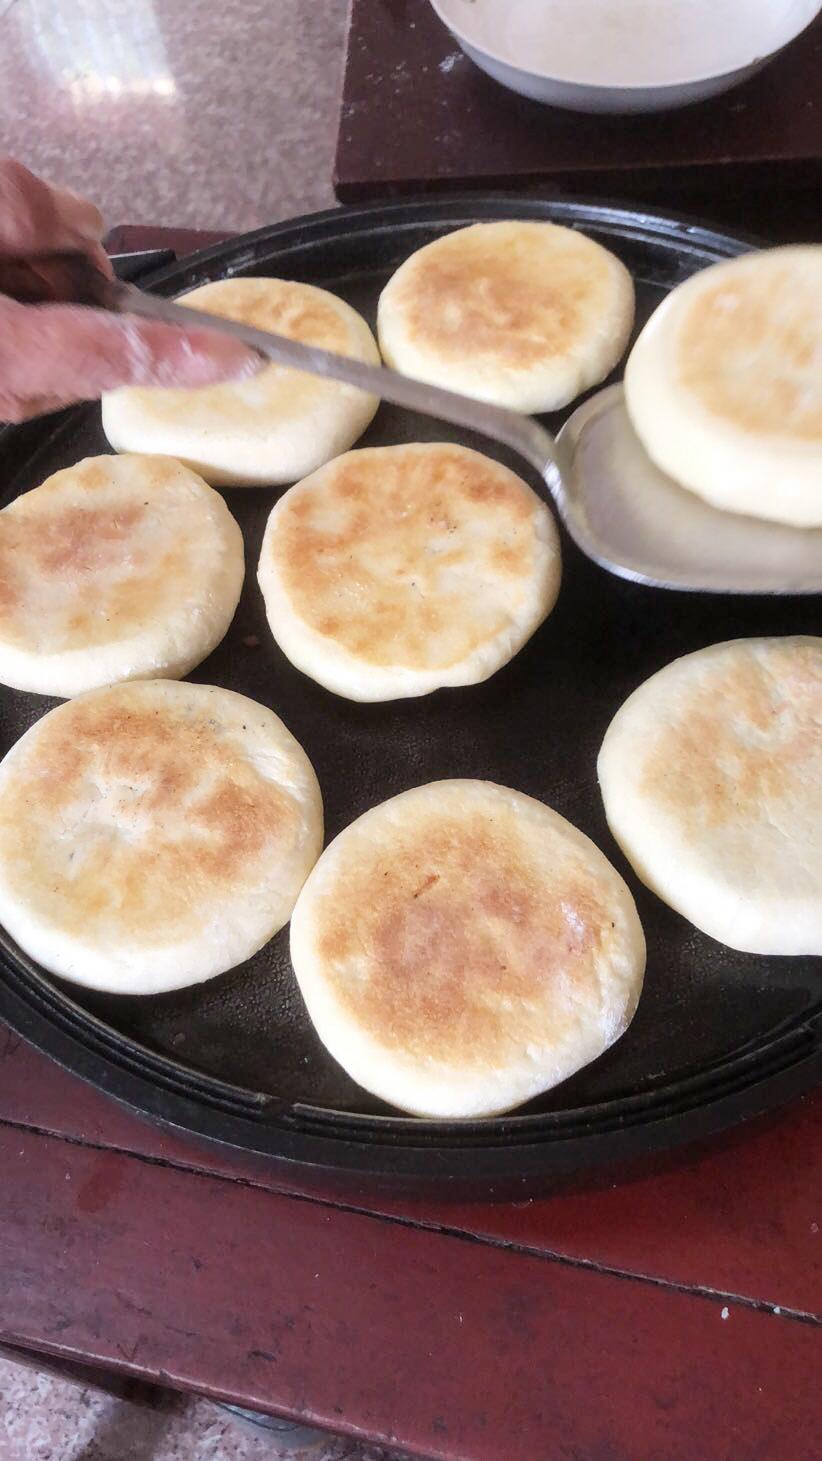 做烧饼啦!中秋将至扬州人有做烧饼的习俗